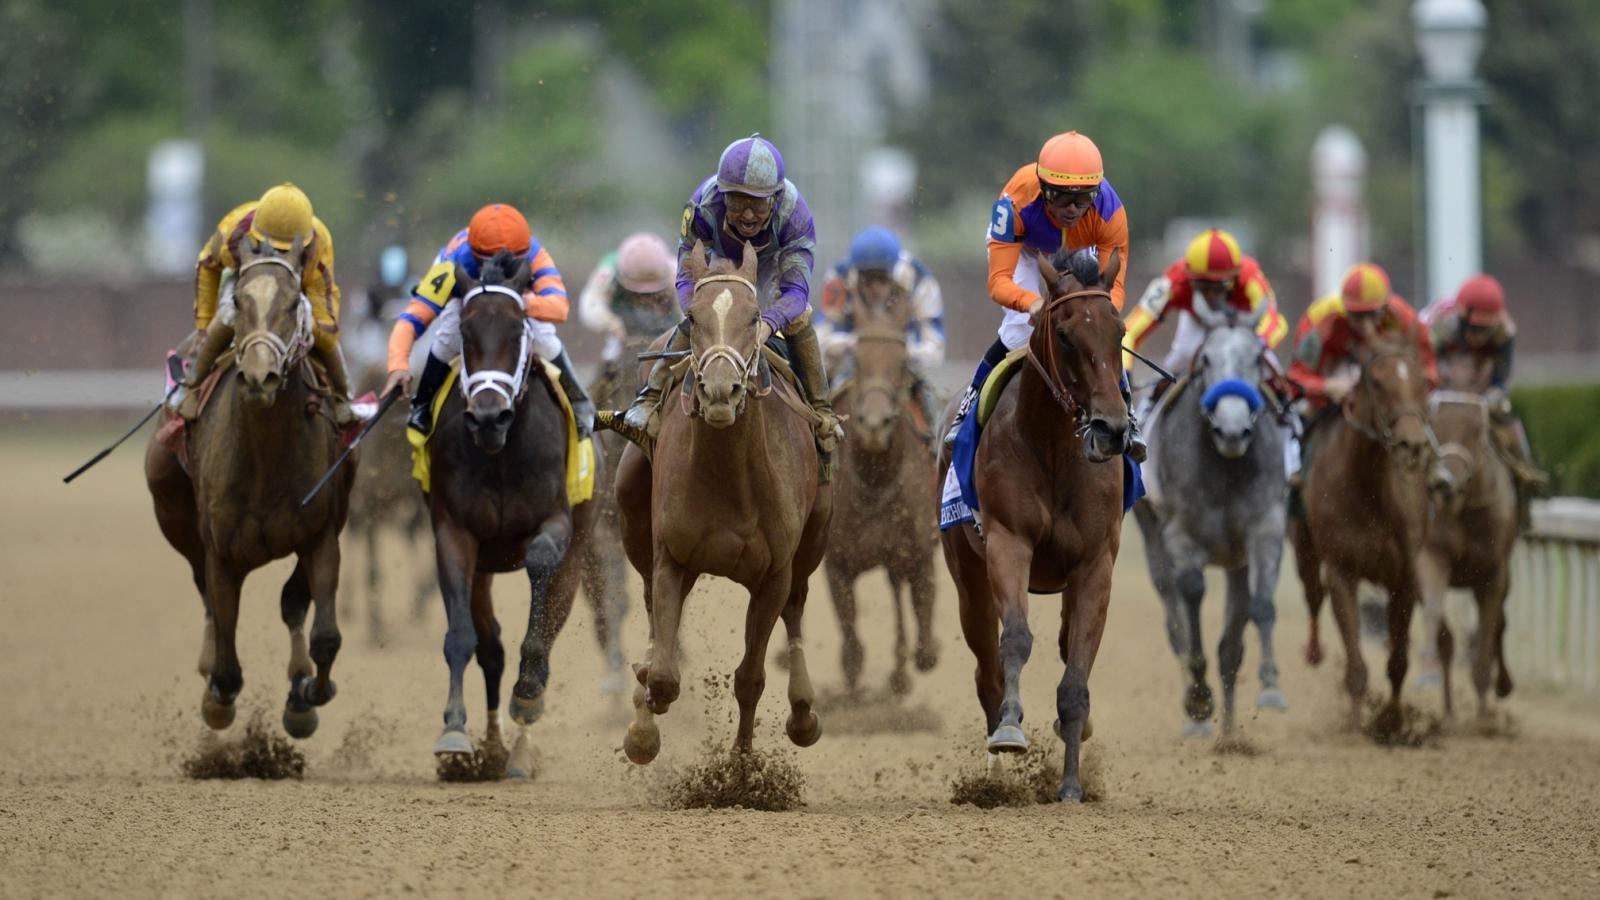 Carreras de caballos - 1600x900